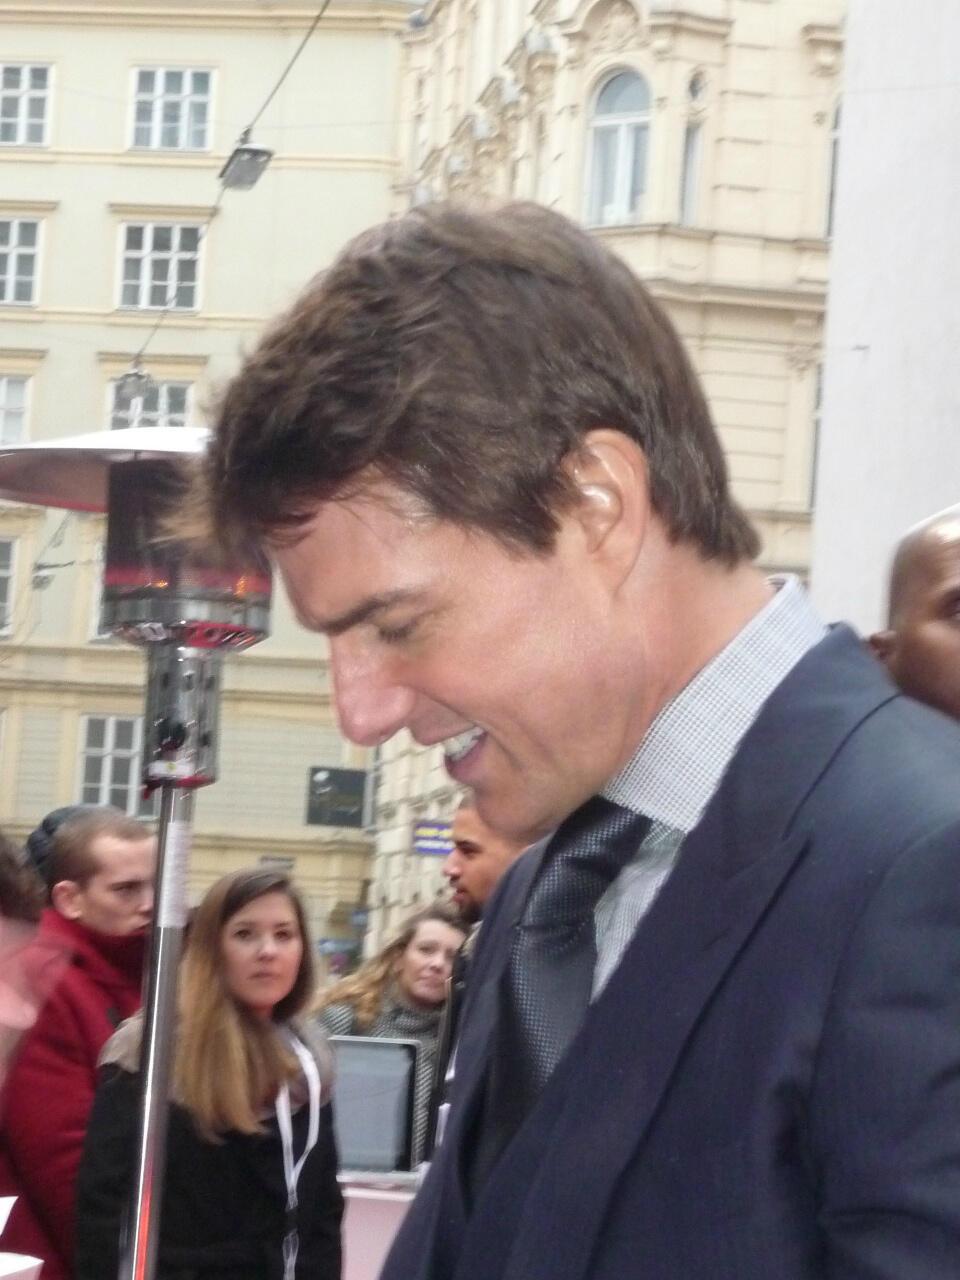 Twitter / Anita_Gh: Met @TomCruise at the red carpet ...